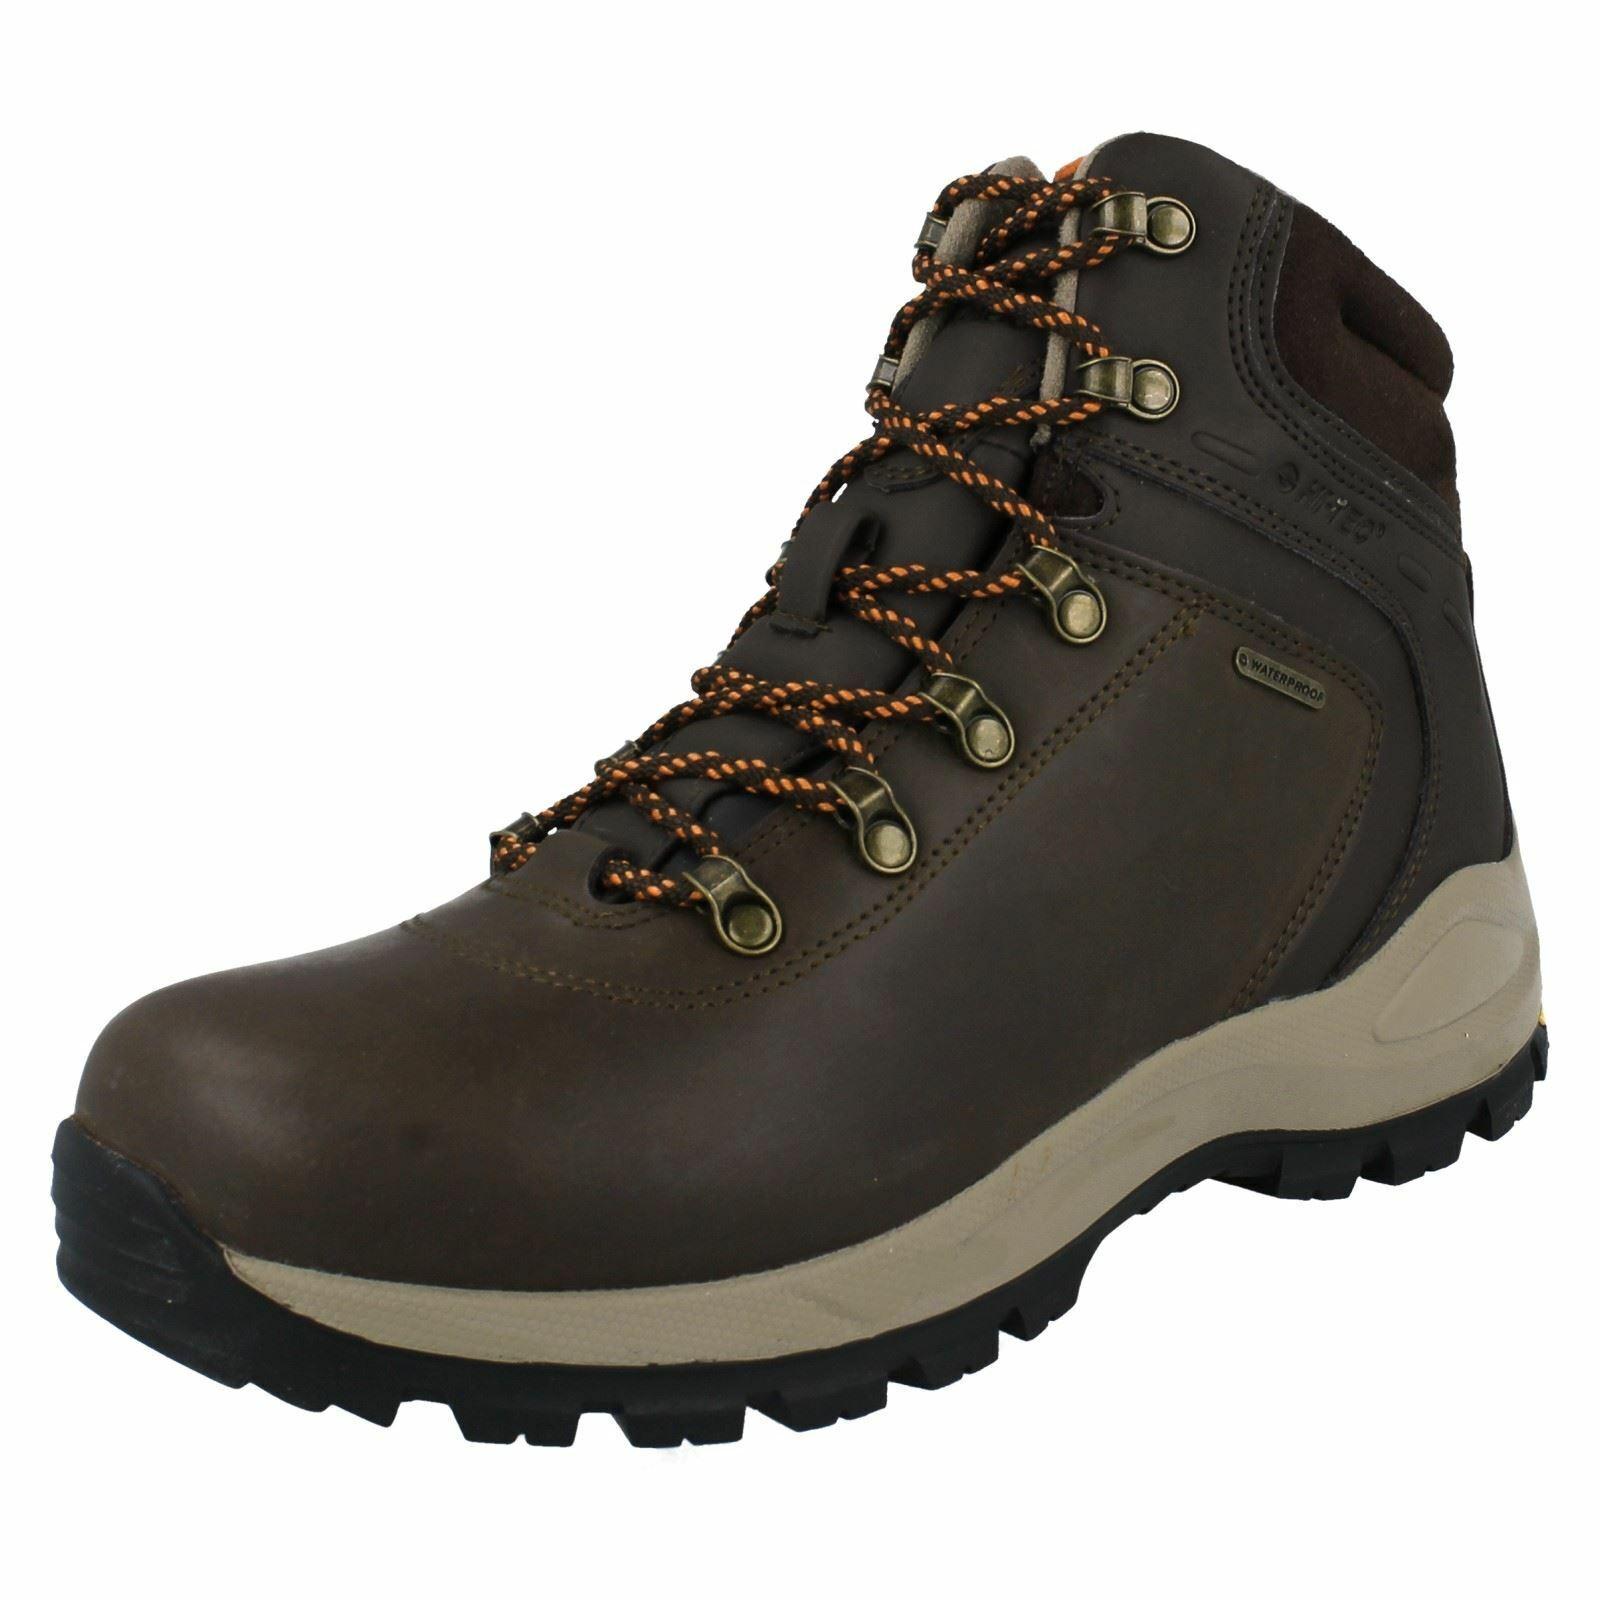 Hi-Tec herren Waterproof Walking Stiefel - Altitude Alpyna Mid I WP